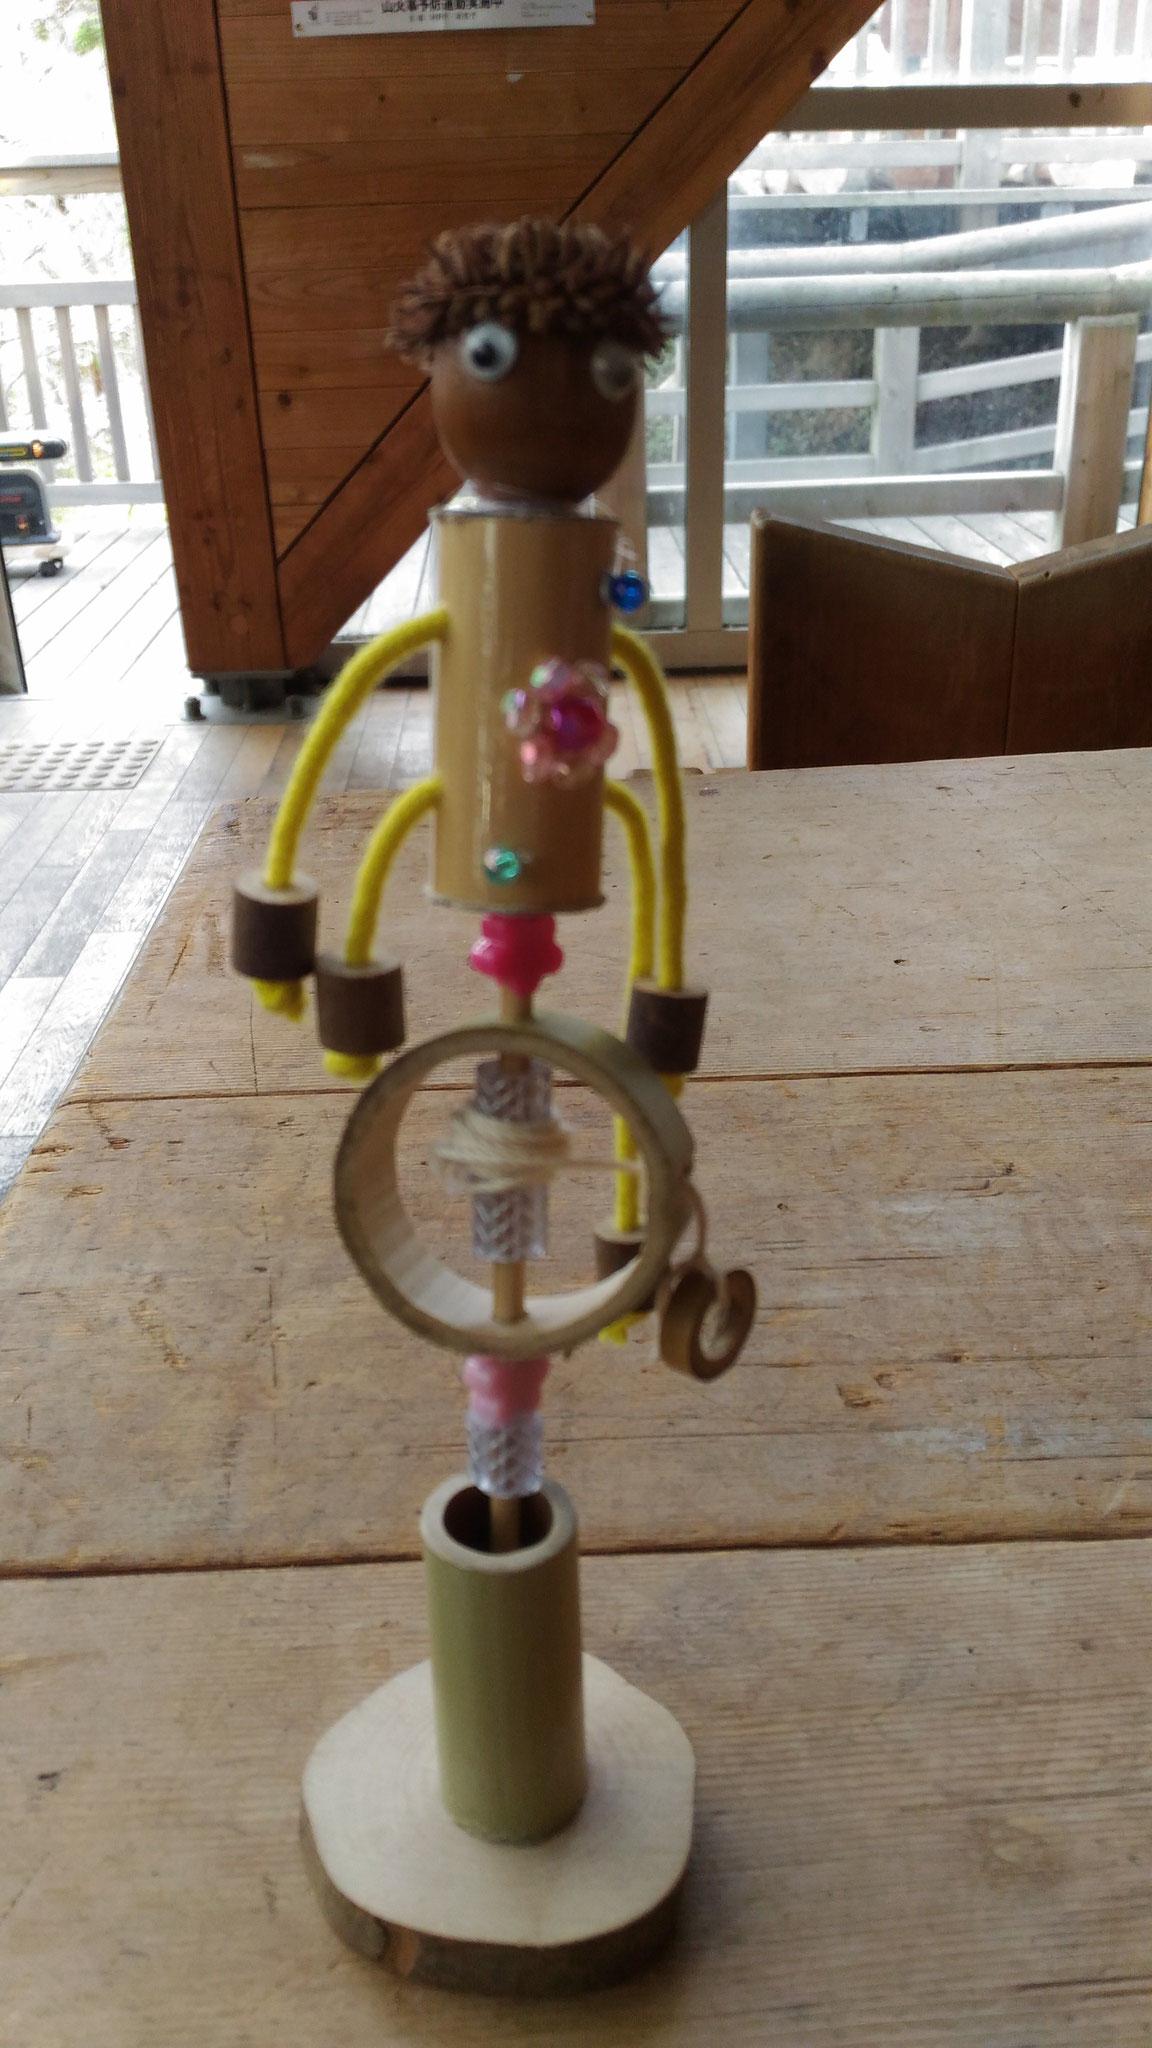 デンデン人形は紐を引きながら惰性で右回転から左回転と、上手になれば長く回転する人形です。回転するまでスタッフもドキドキ・・